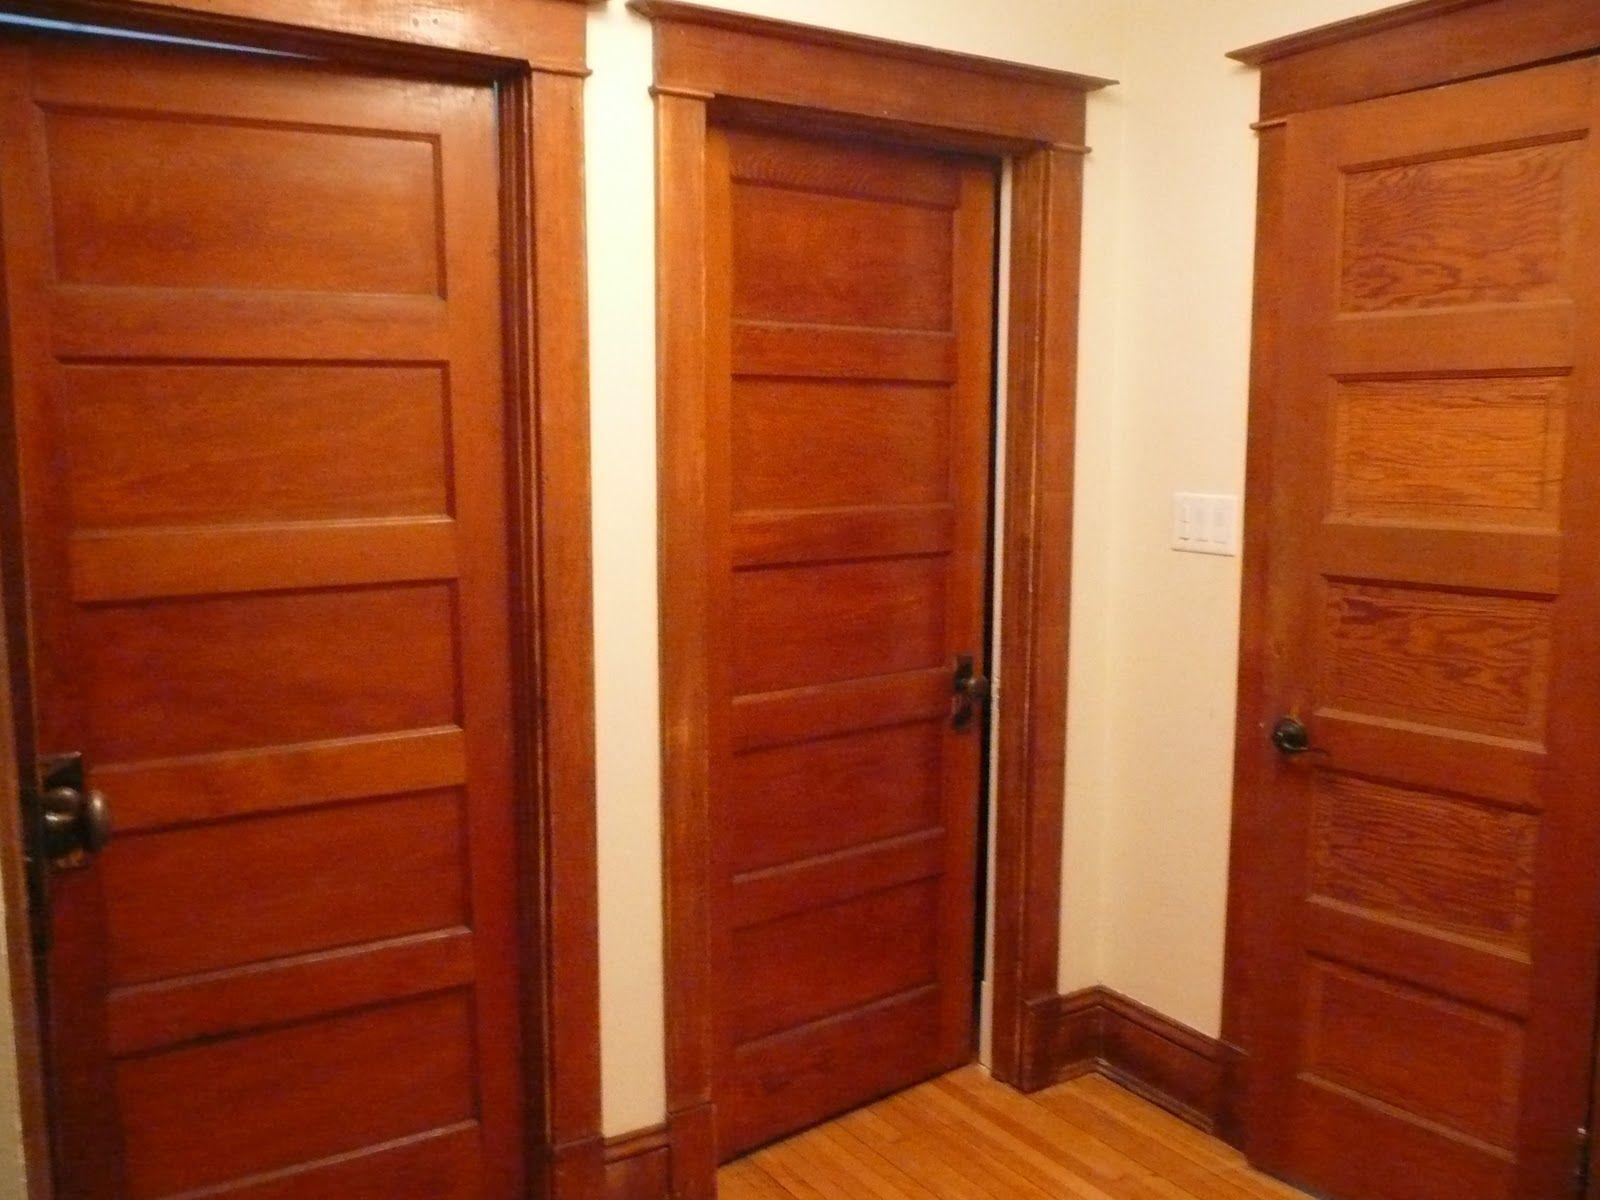 5 Panel Interior Doors Craftsman Interior Doors Craftsman